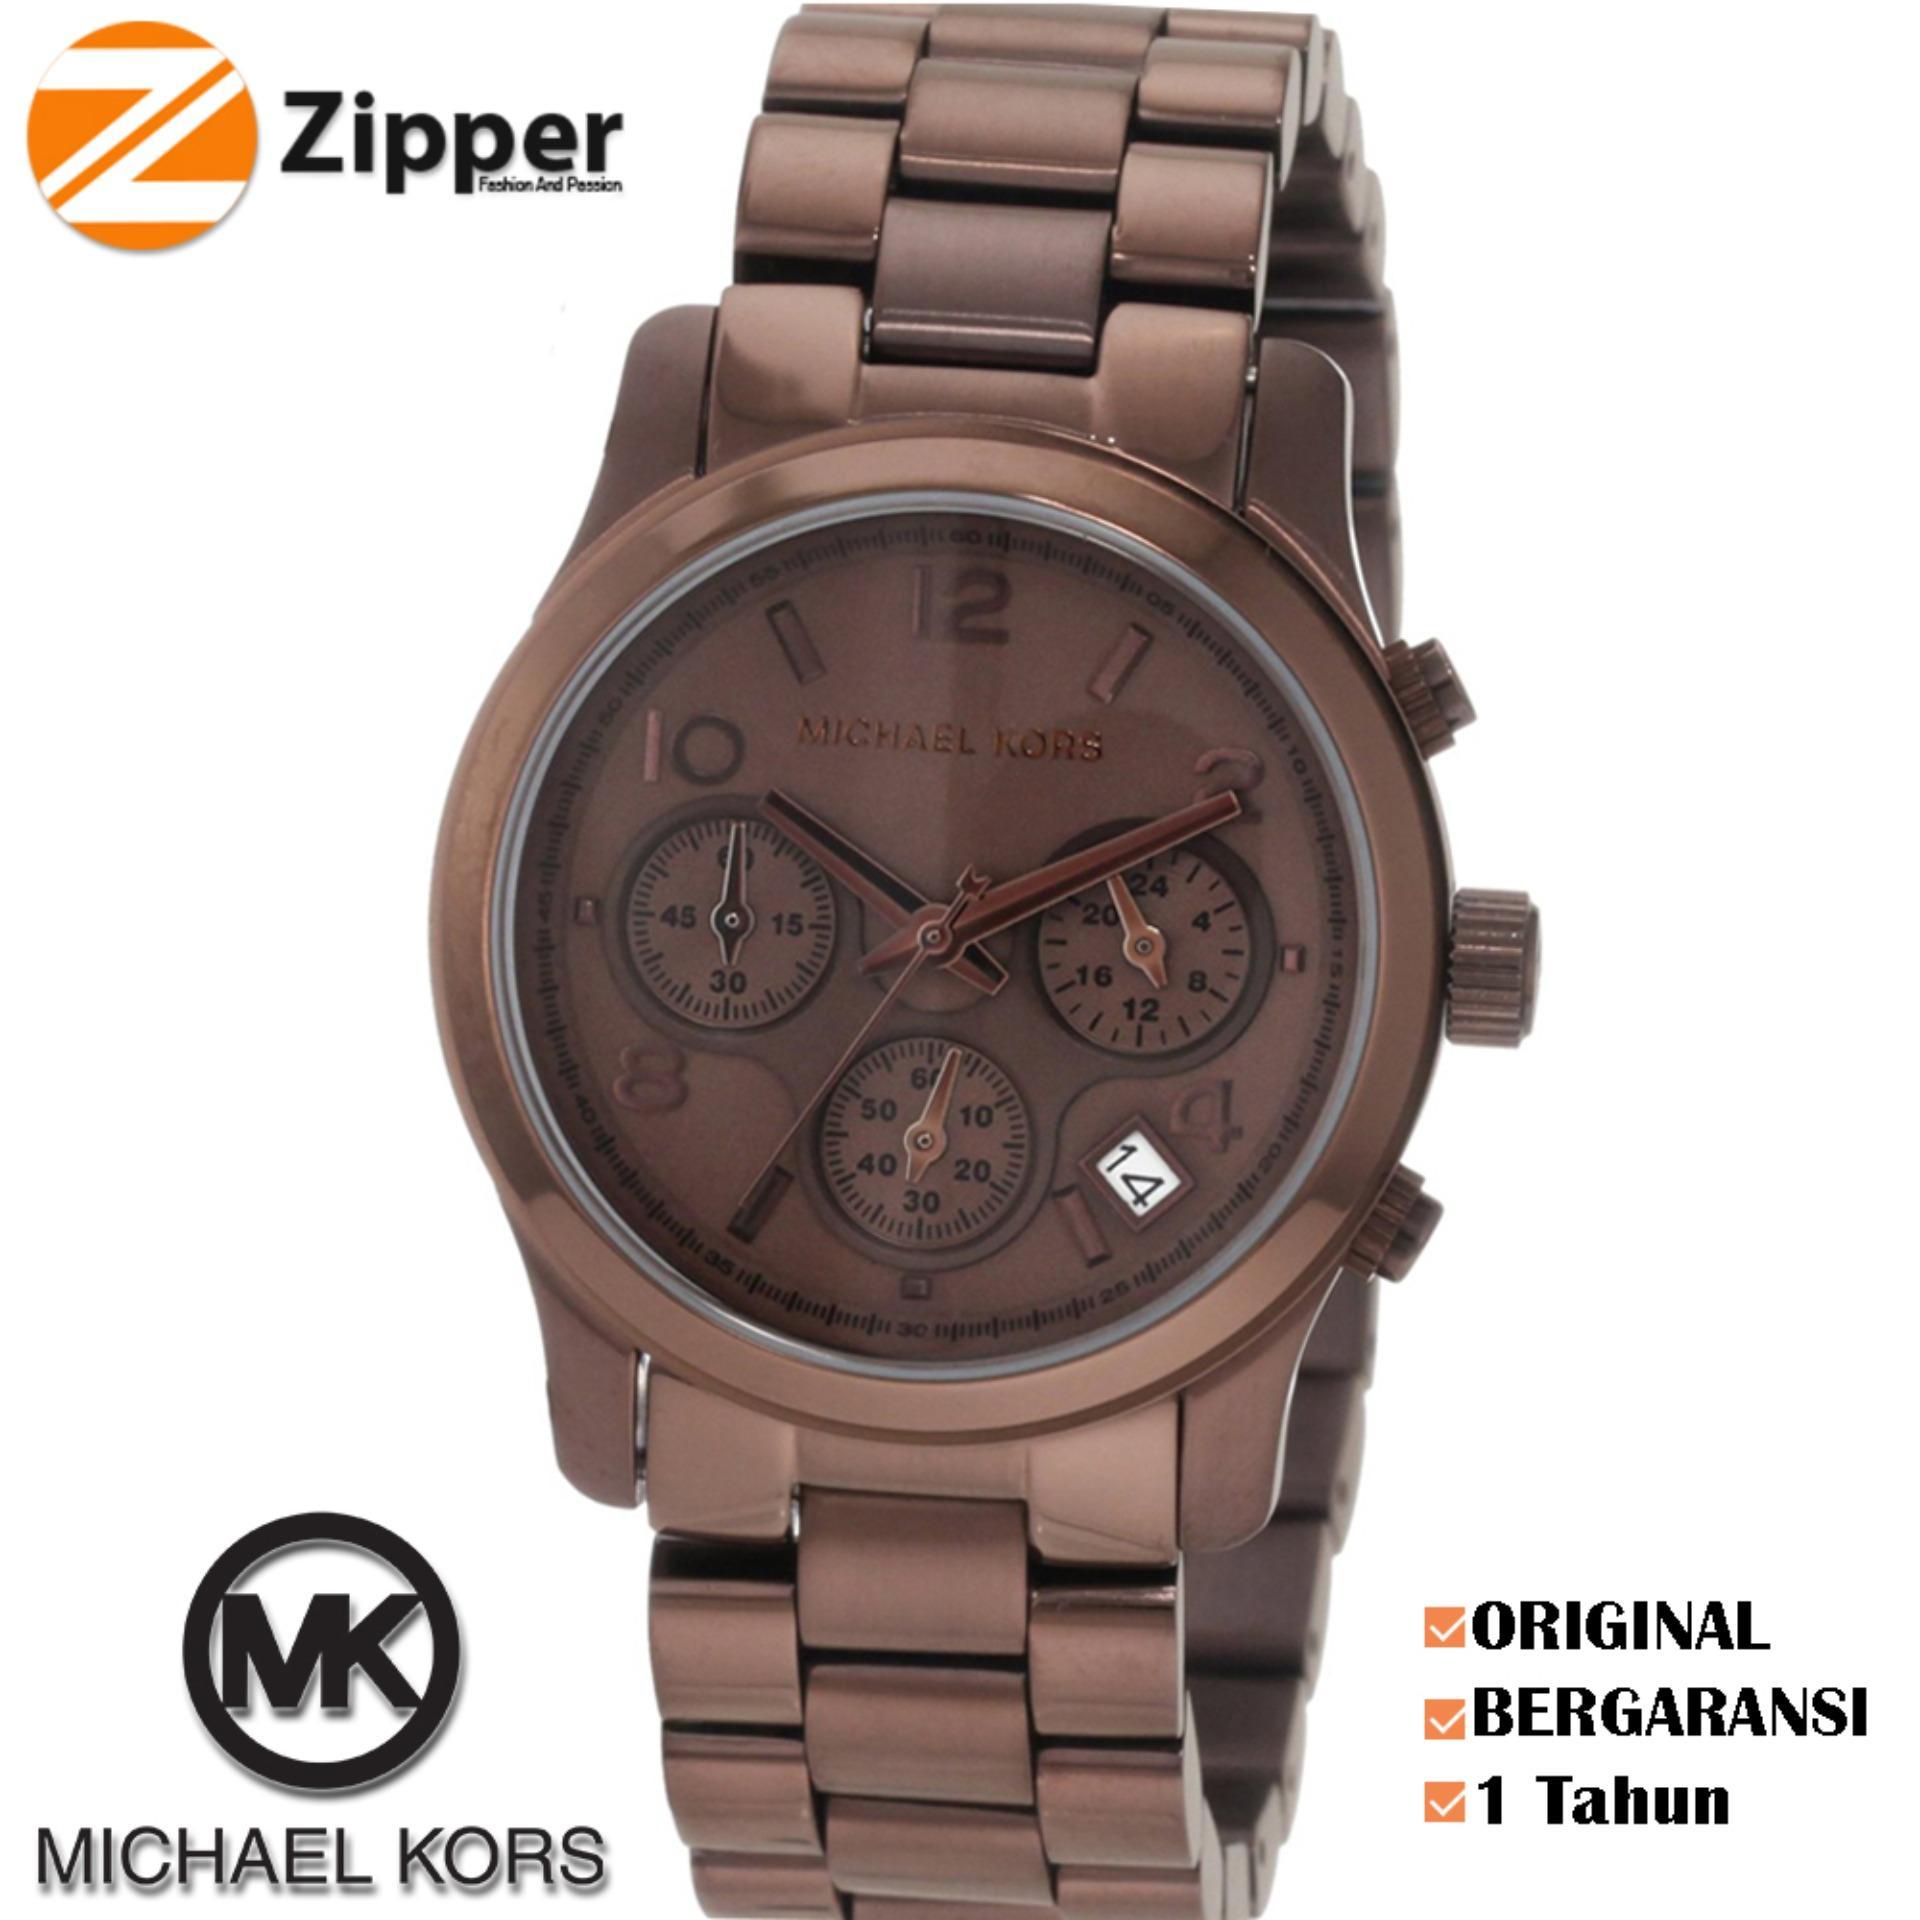 e4d3f8e71bdc Michael Kors Watch Original Jam Tangan Wanita Michael Kors Runway MK5492  Tali Rantai Stainless Strap Dial